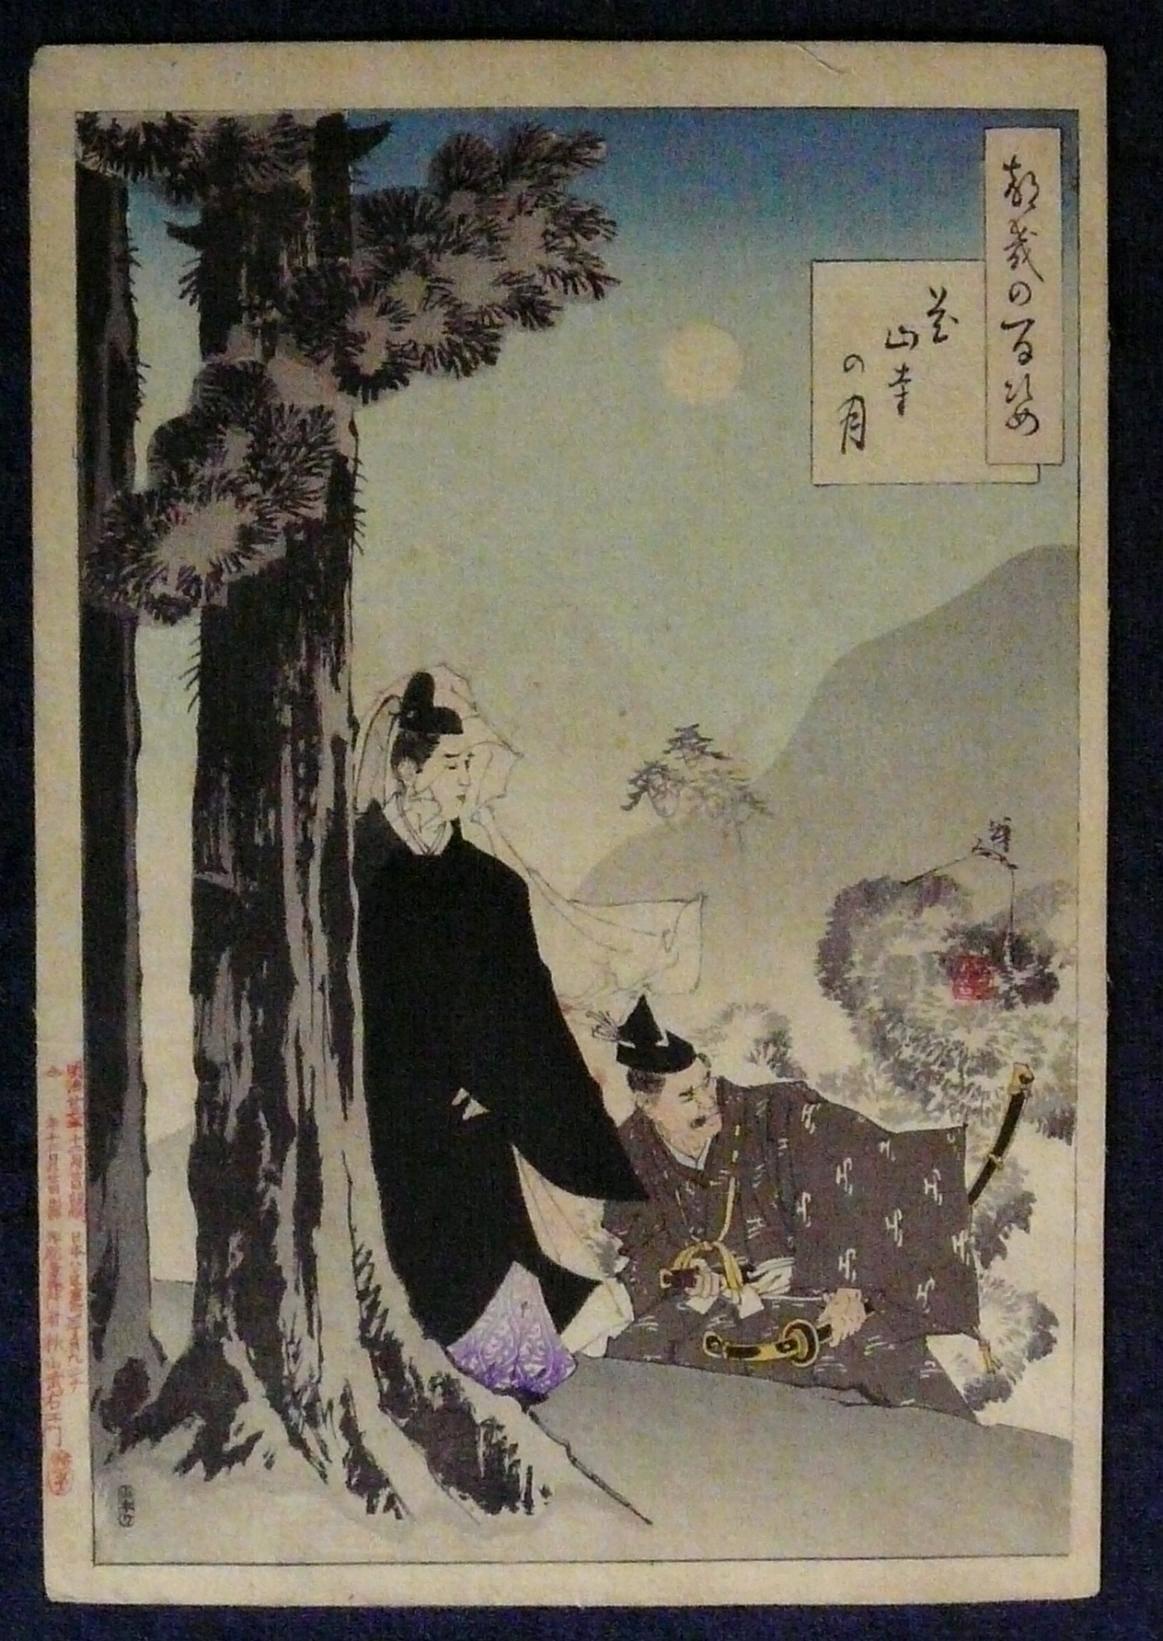 TAISO YOSHITOSHI: #P3393 KAZANJI NO TSUKI - THE KANZAN TEMPLE MOON FROM 100 ASPECTS OF THE MOON SERIES